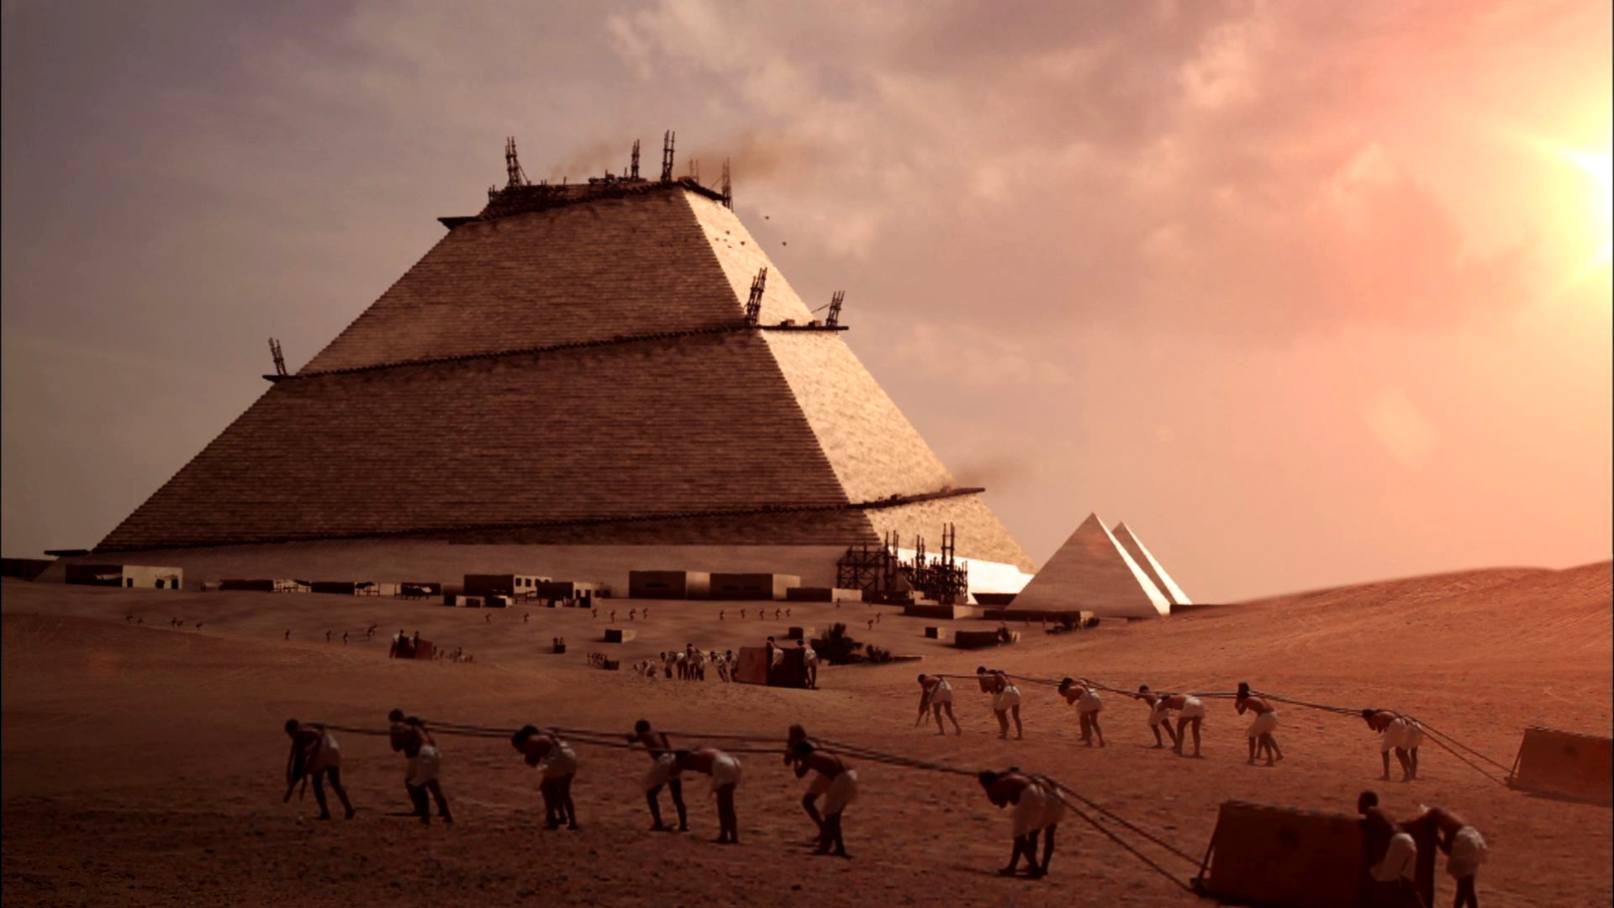 Картинки строительства пирамиды